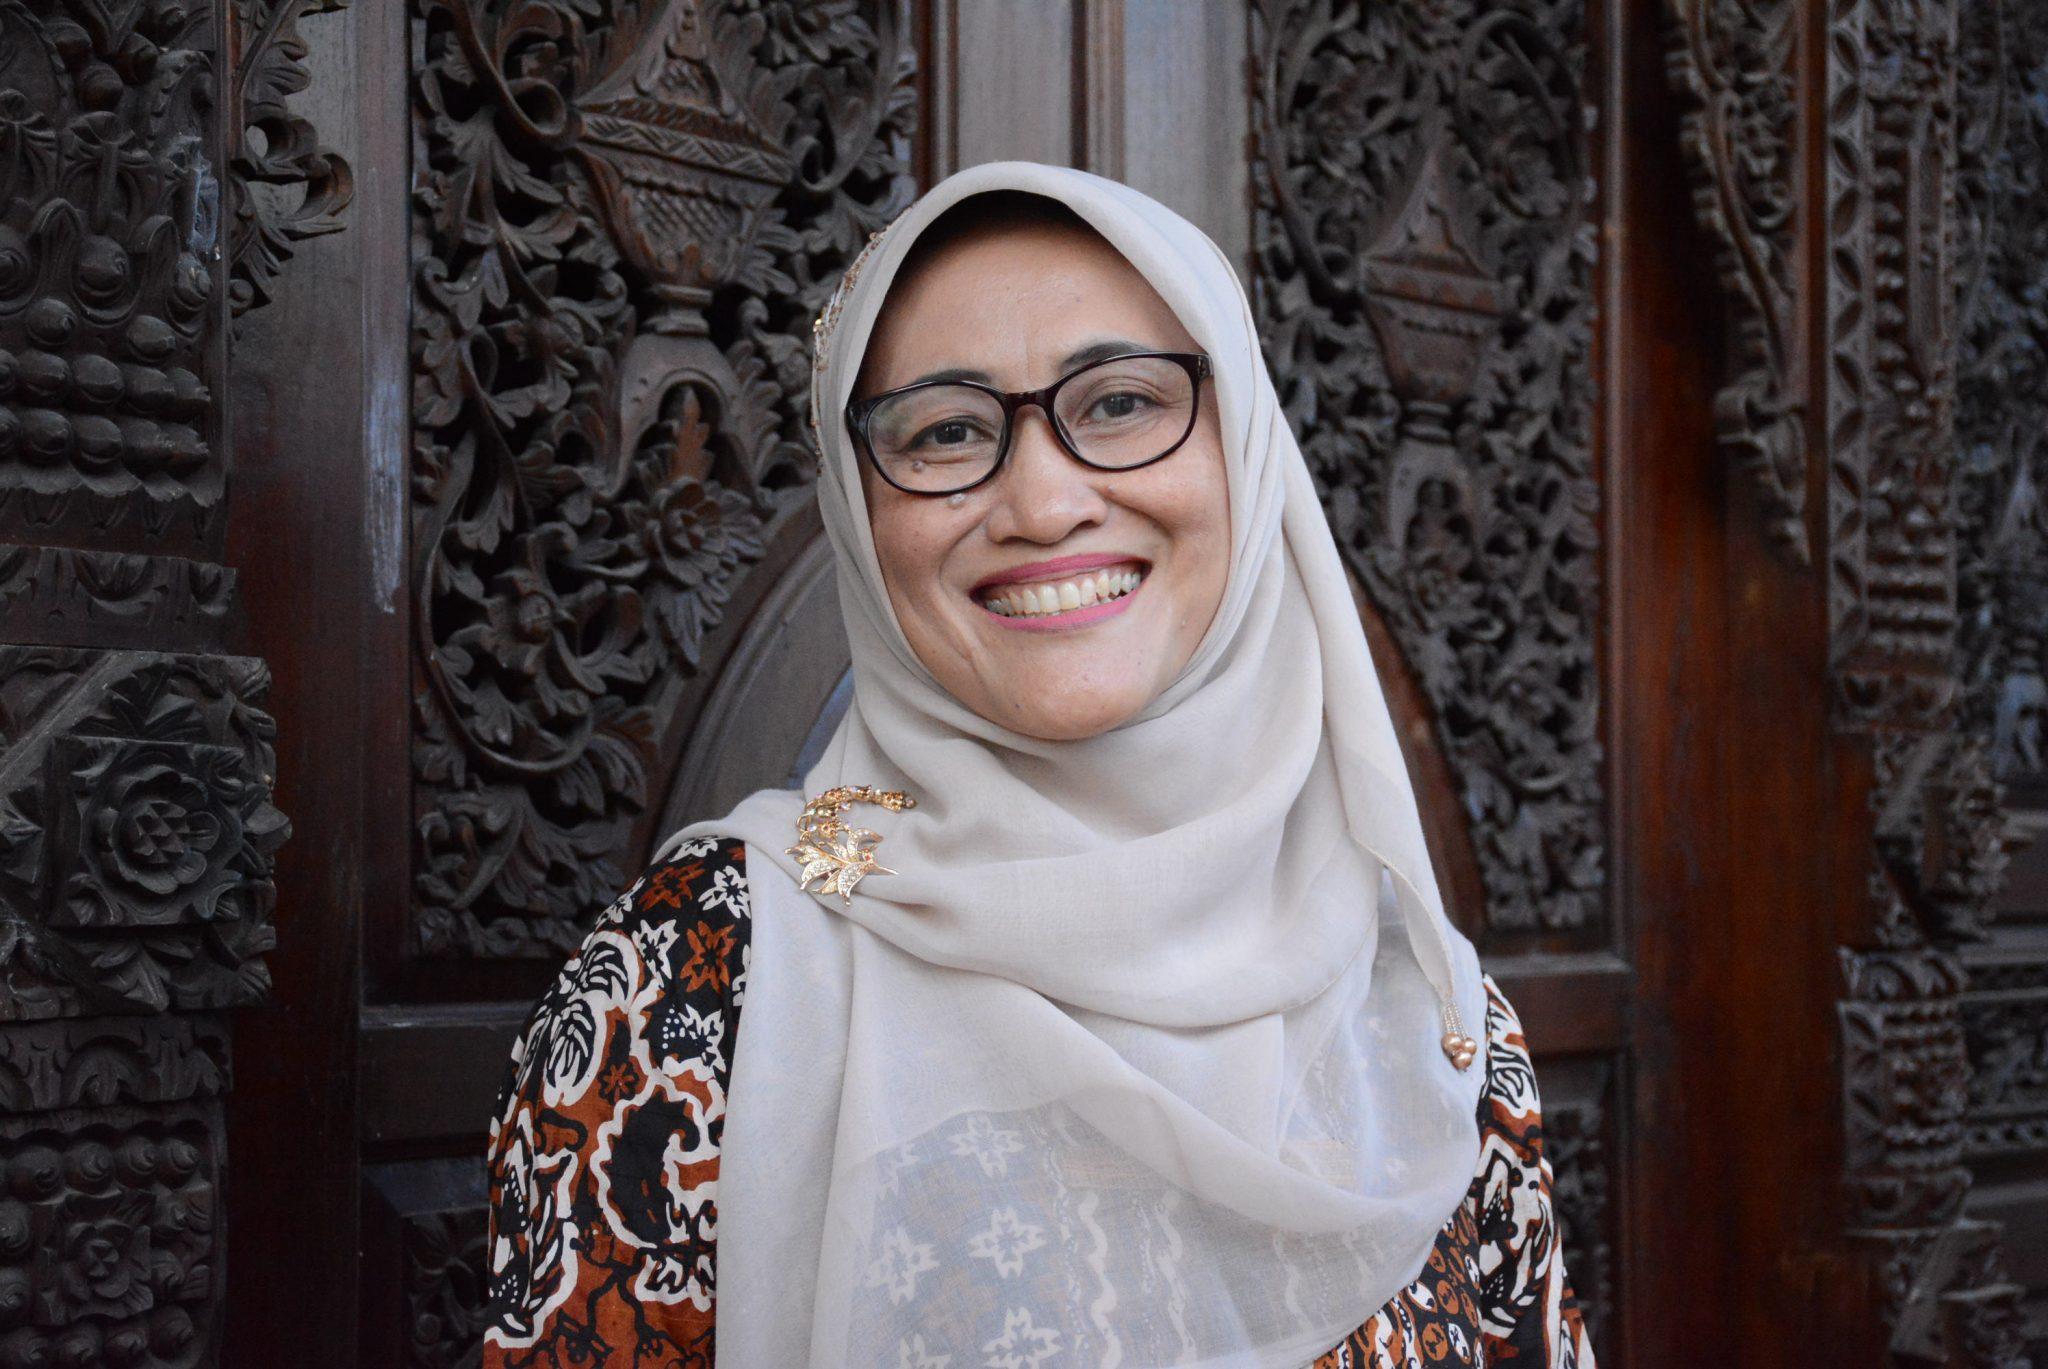 Dikukuhkan sebagai Guru Besar, Ida Zulaeha: Menulis Tingkatkan Literasi Humanis